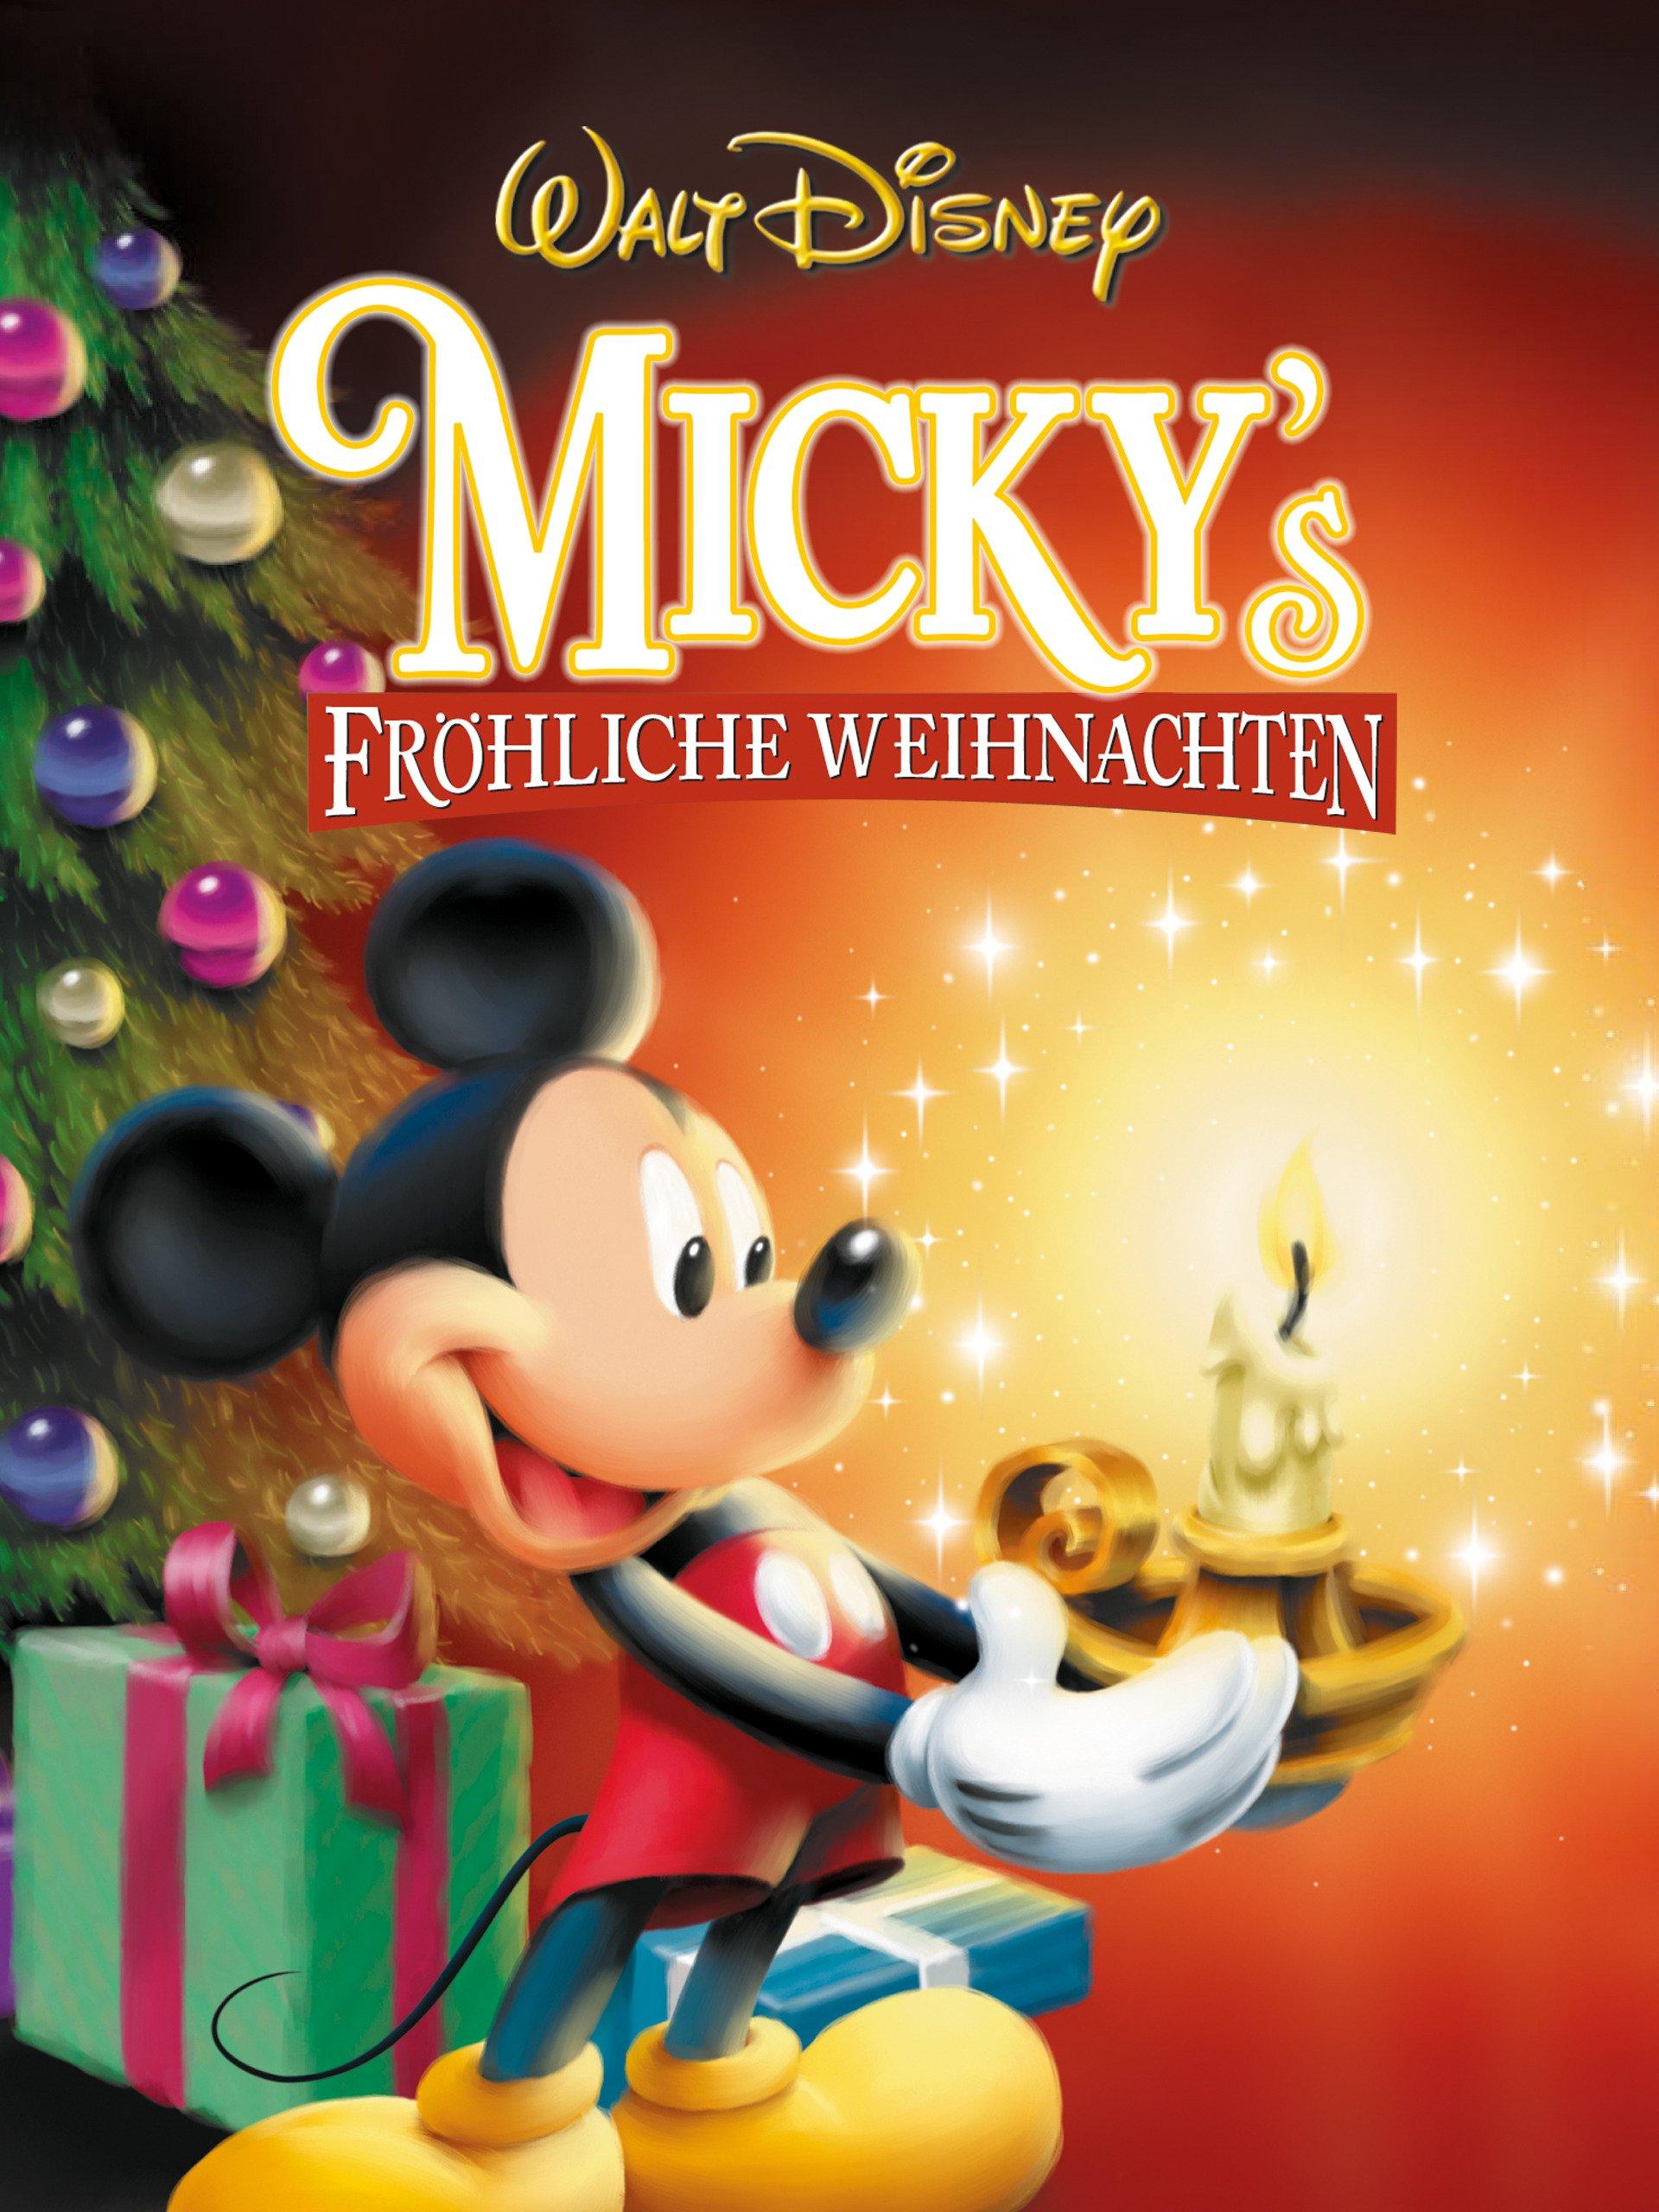 Amazon.de: Micky fröhliche Weihnachten ansehen   Prime Video